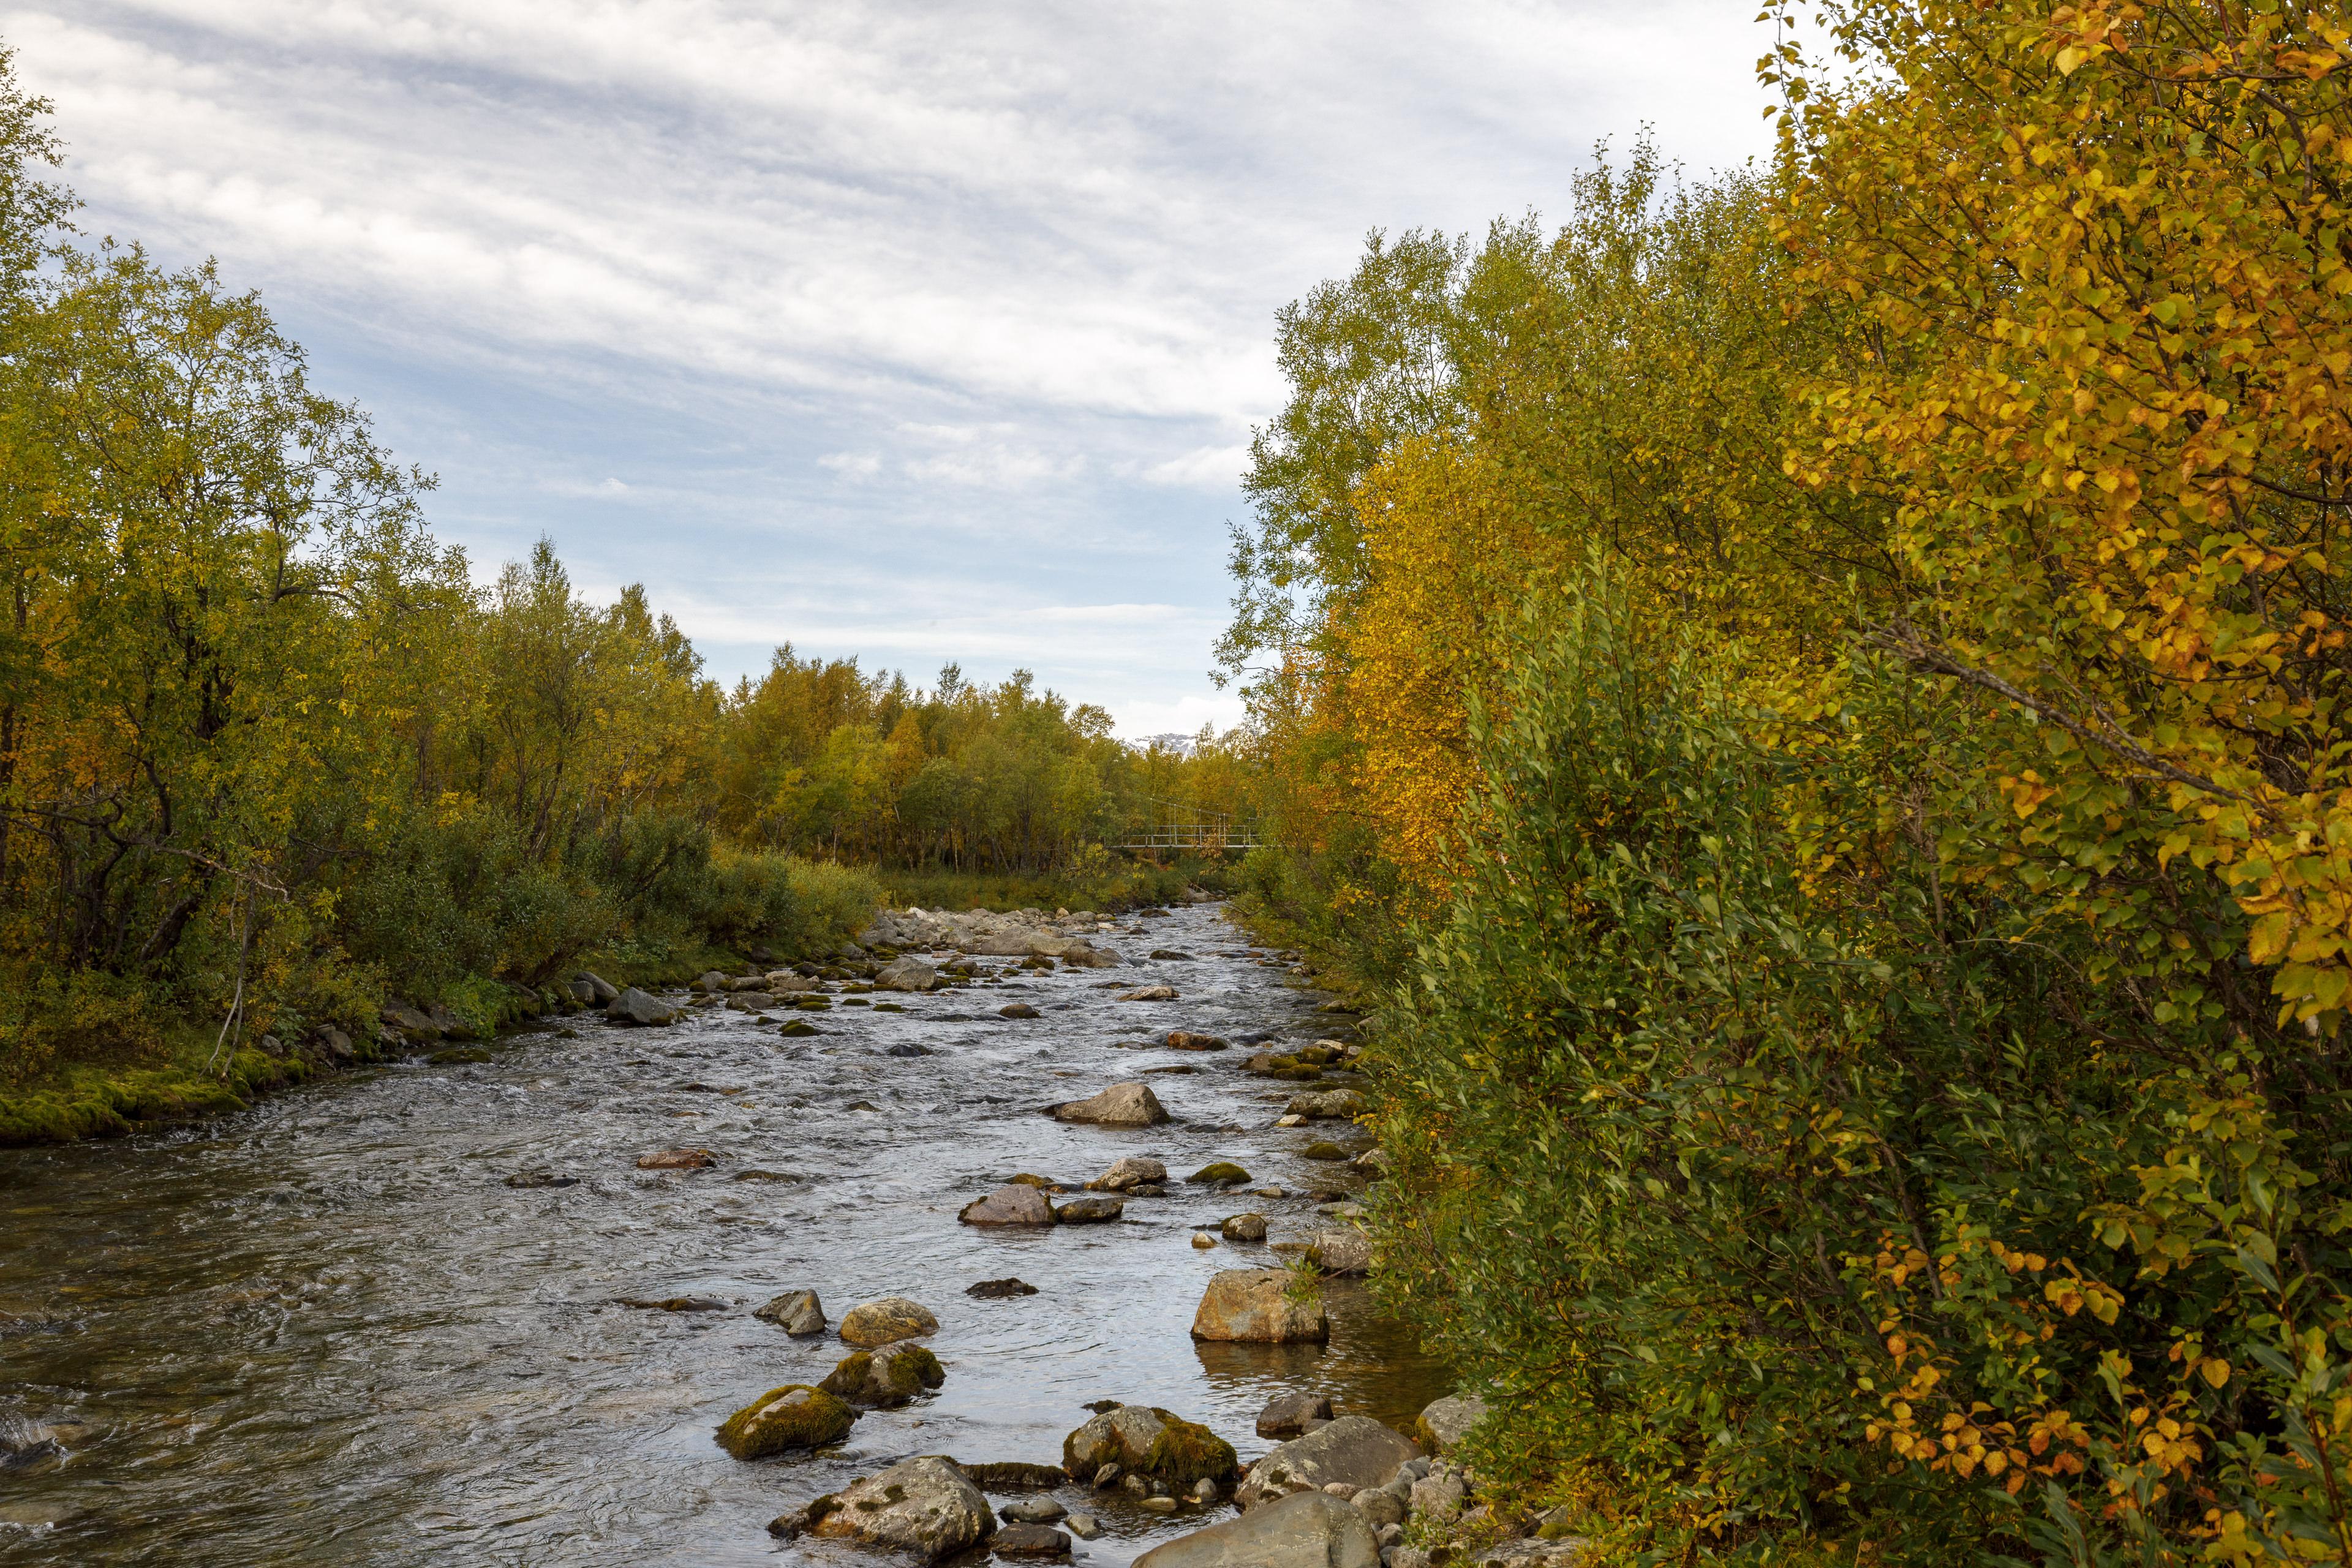 Die erste Brücke – in Island wäre da nur eine Furt gewesen,©Markus Proske—Canon EOS 5D Mark IV, EF16-35mm f/4L IS USM, 35mm, 1/125s, Blende 8, ISO 400